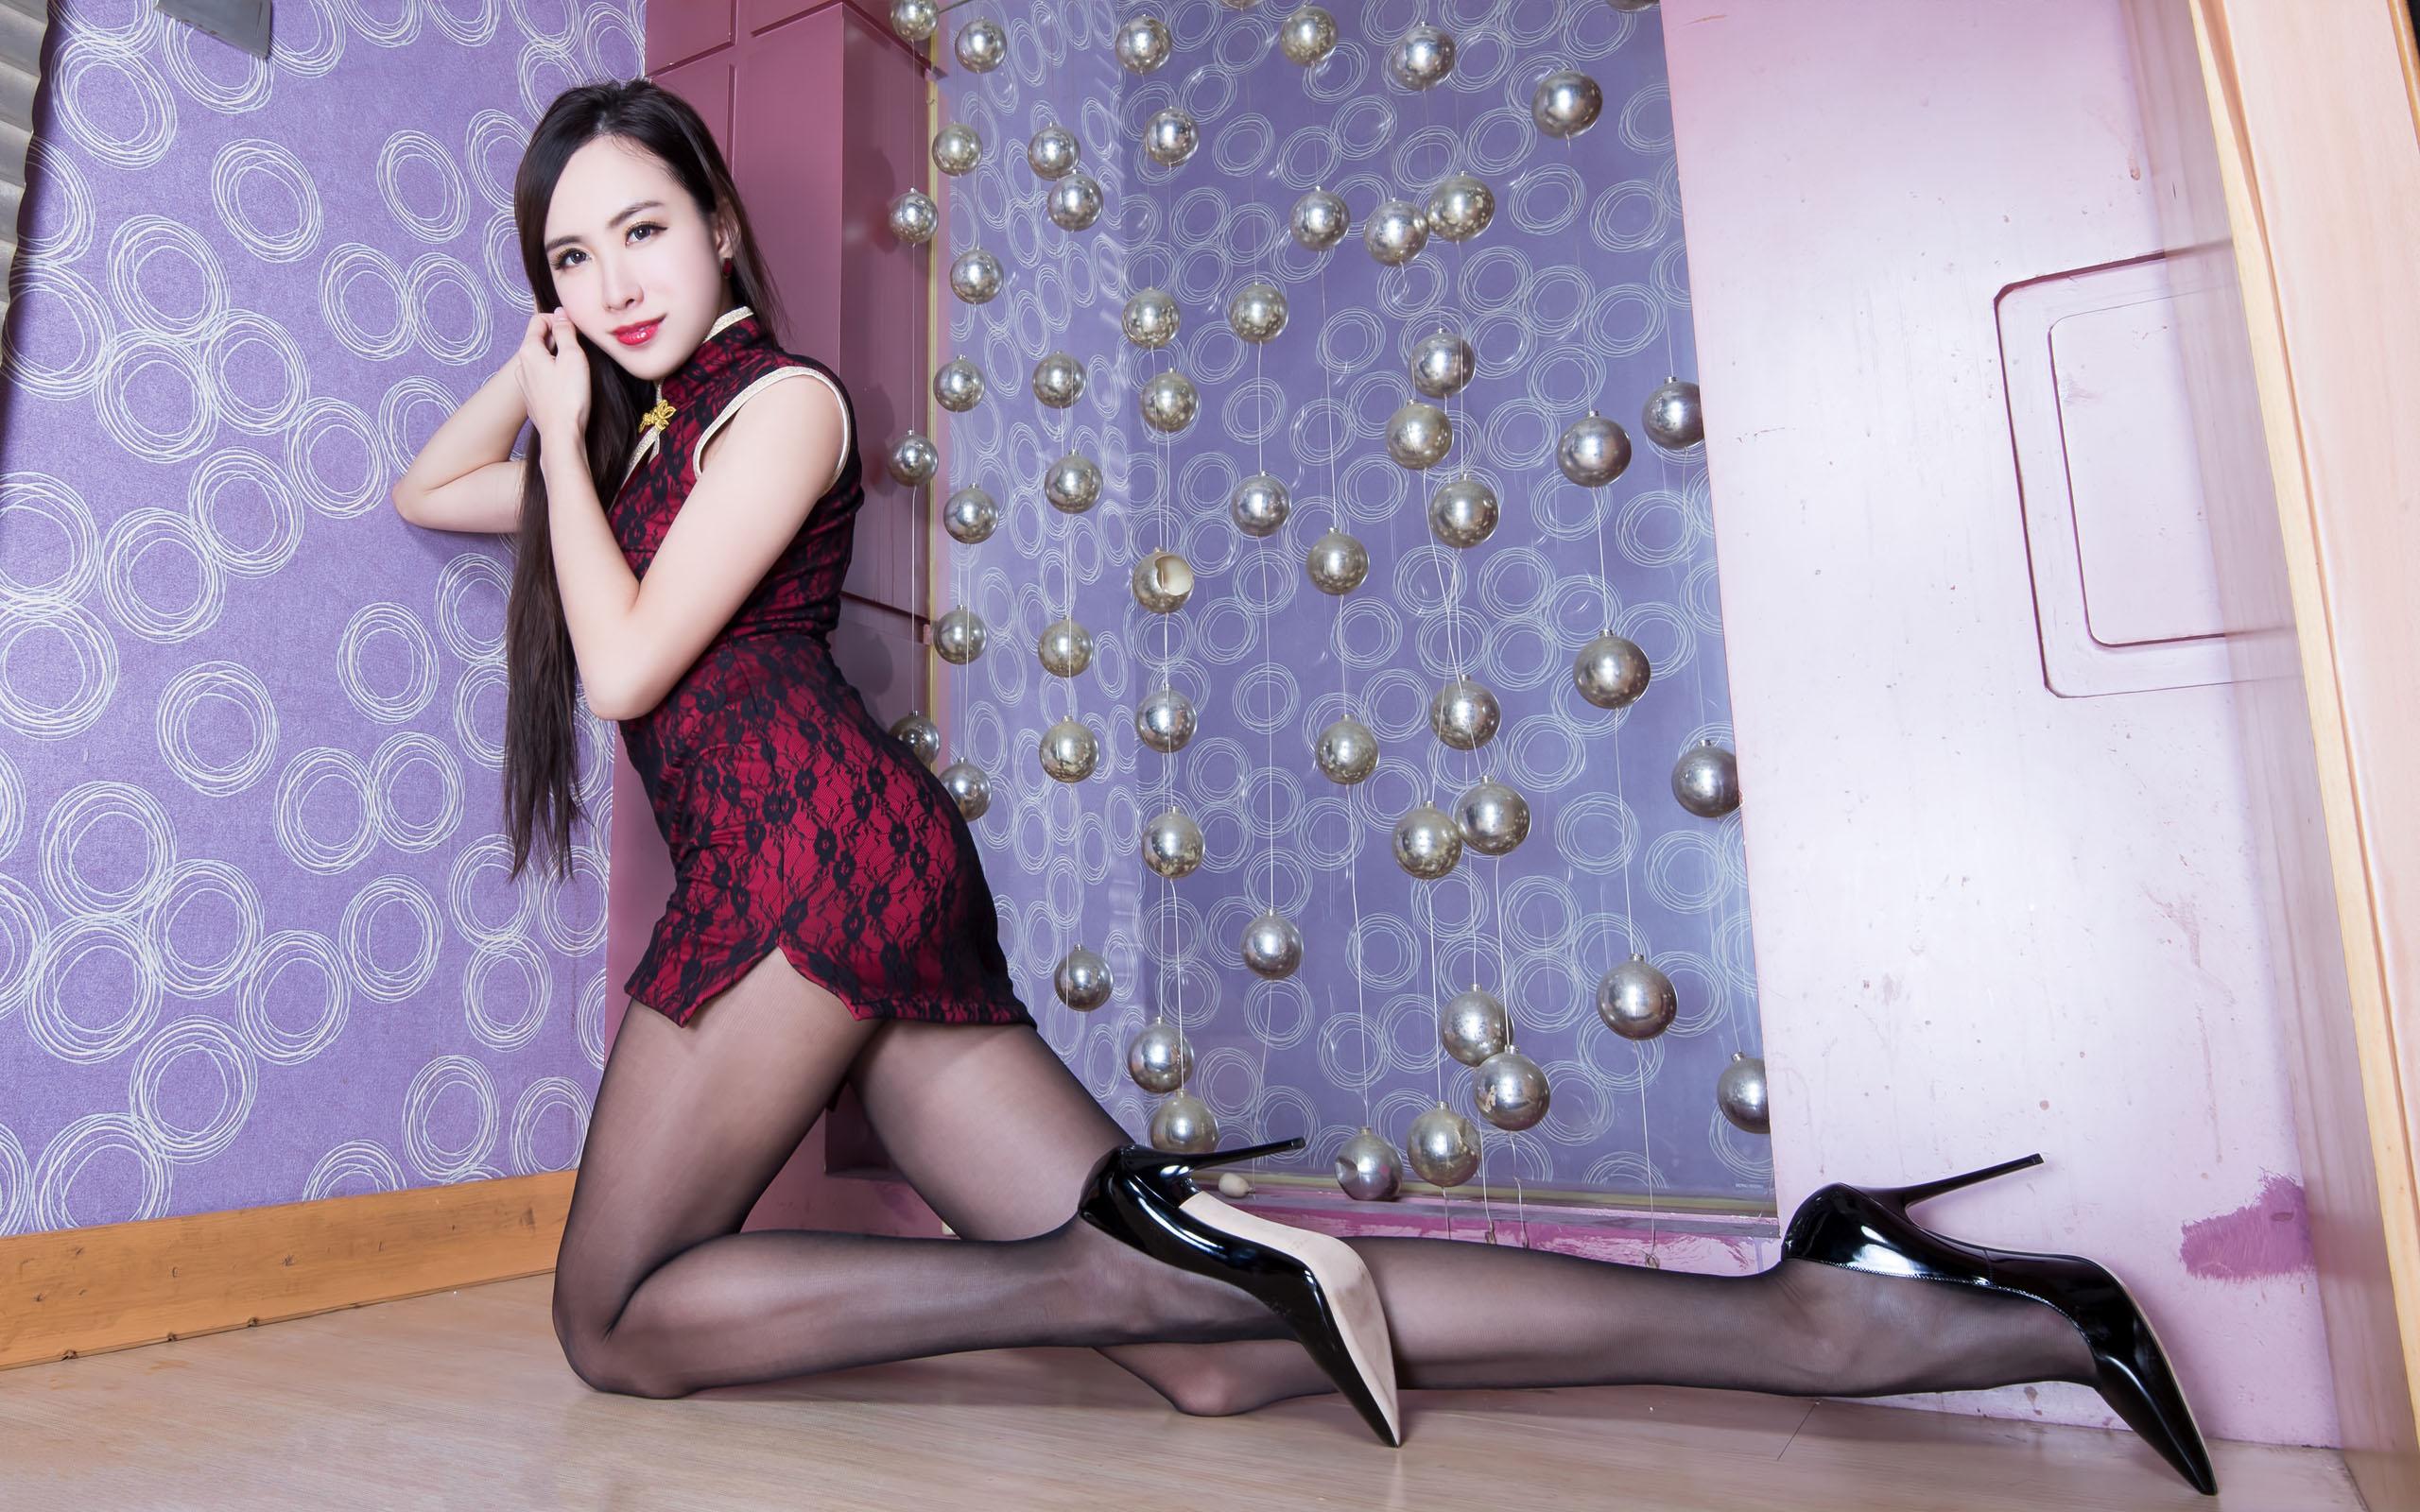 臺灣美模旗袍秀 - 花開有聲 - 花開有聲的博客